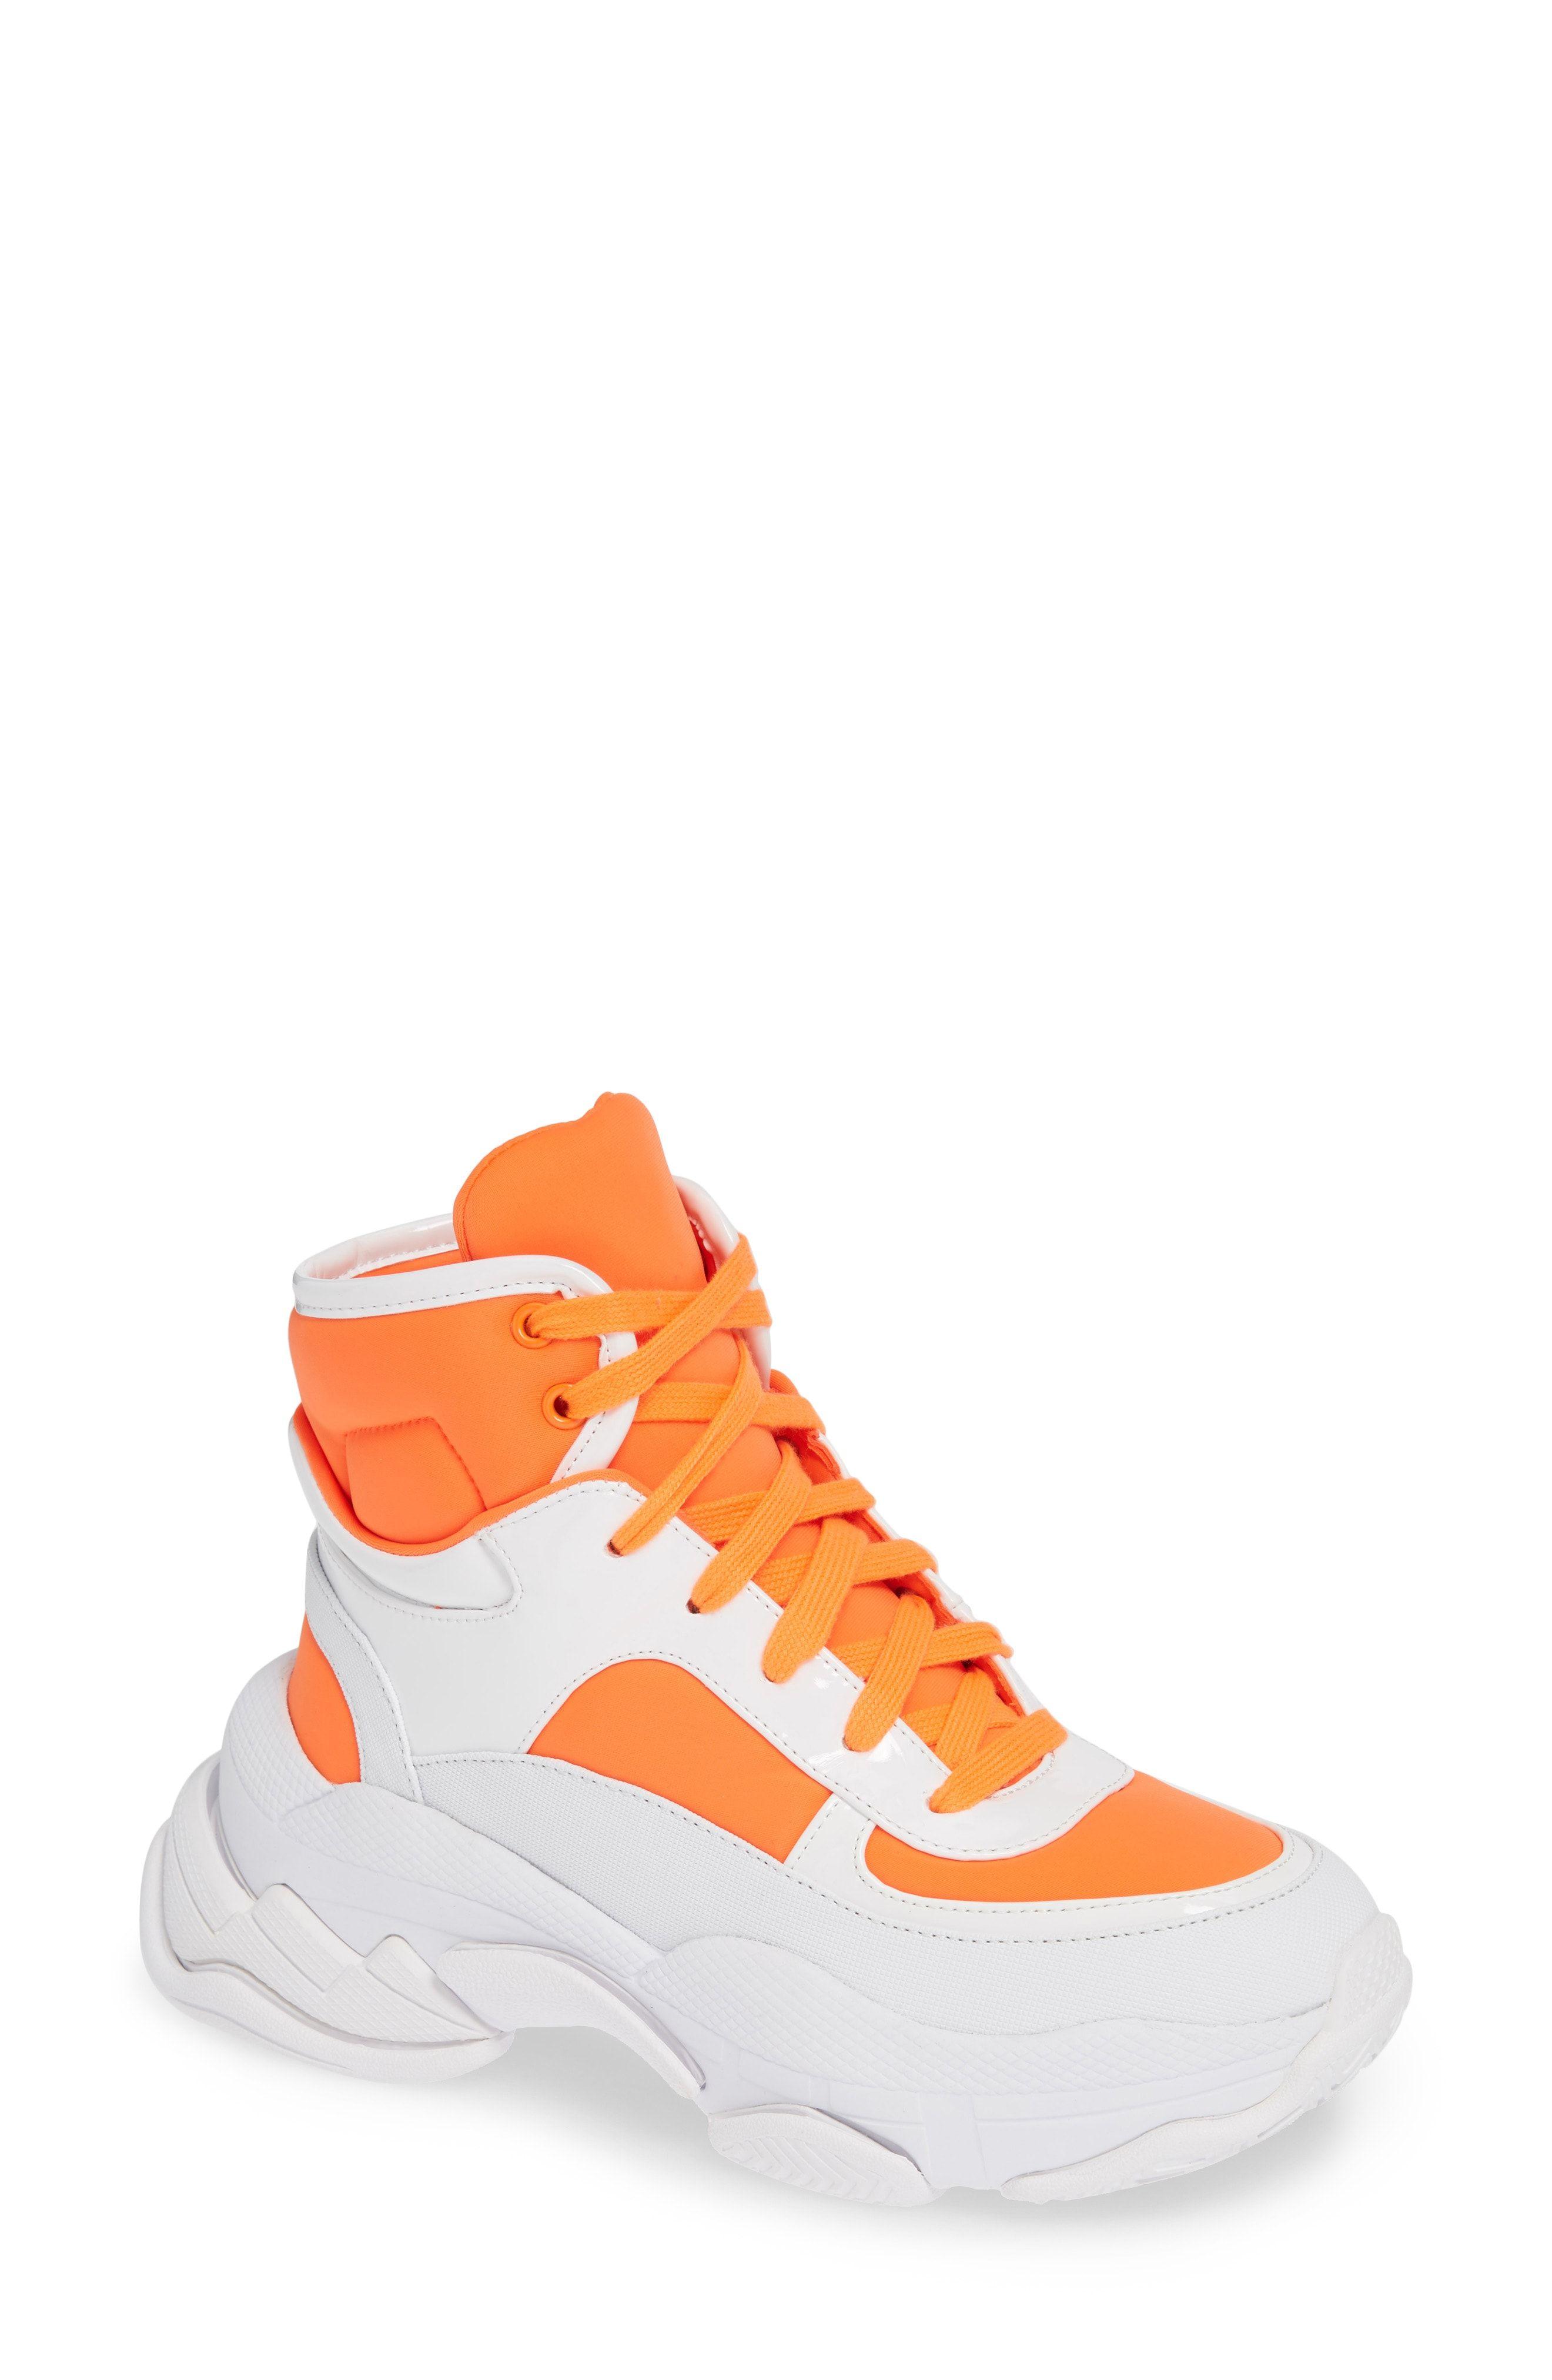 e5205efe7e6 Spring Shoe Trends 2019 - Cute Footwear for Spring